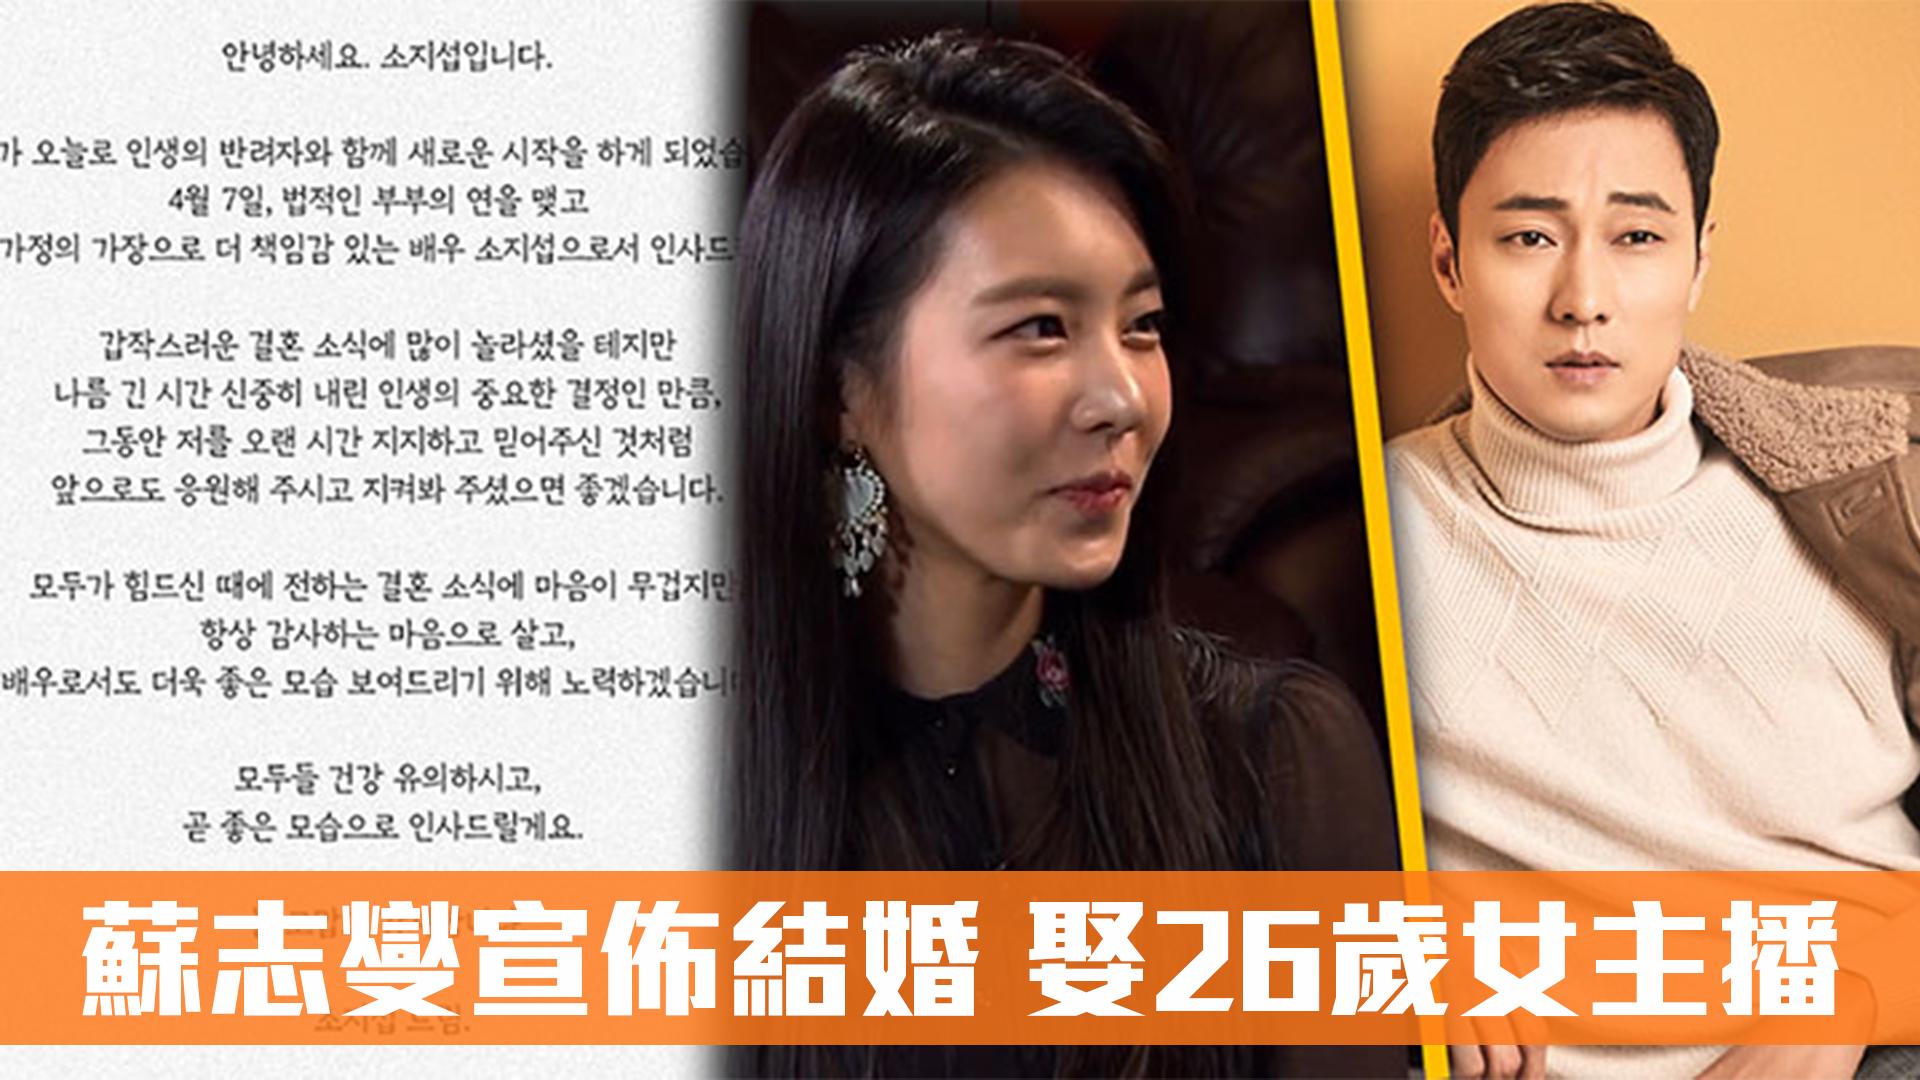 蘇志燮宣佈結婚 娶26歲女主播 (附公開信全文翻譯)